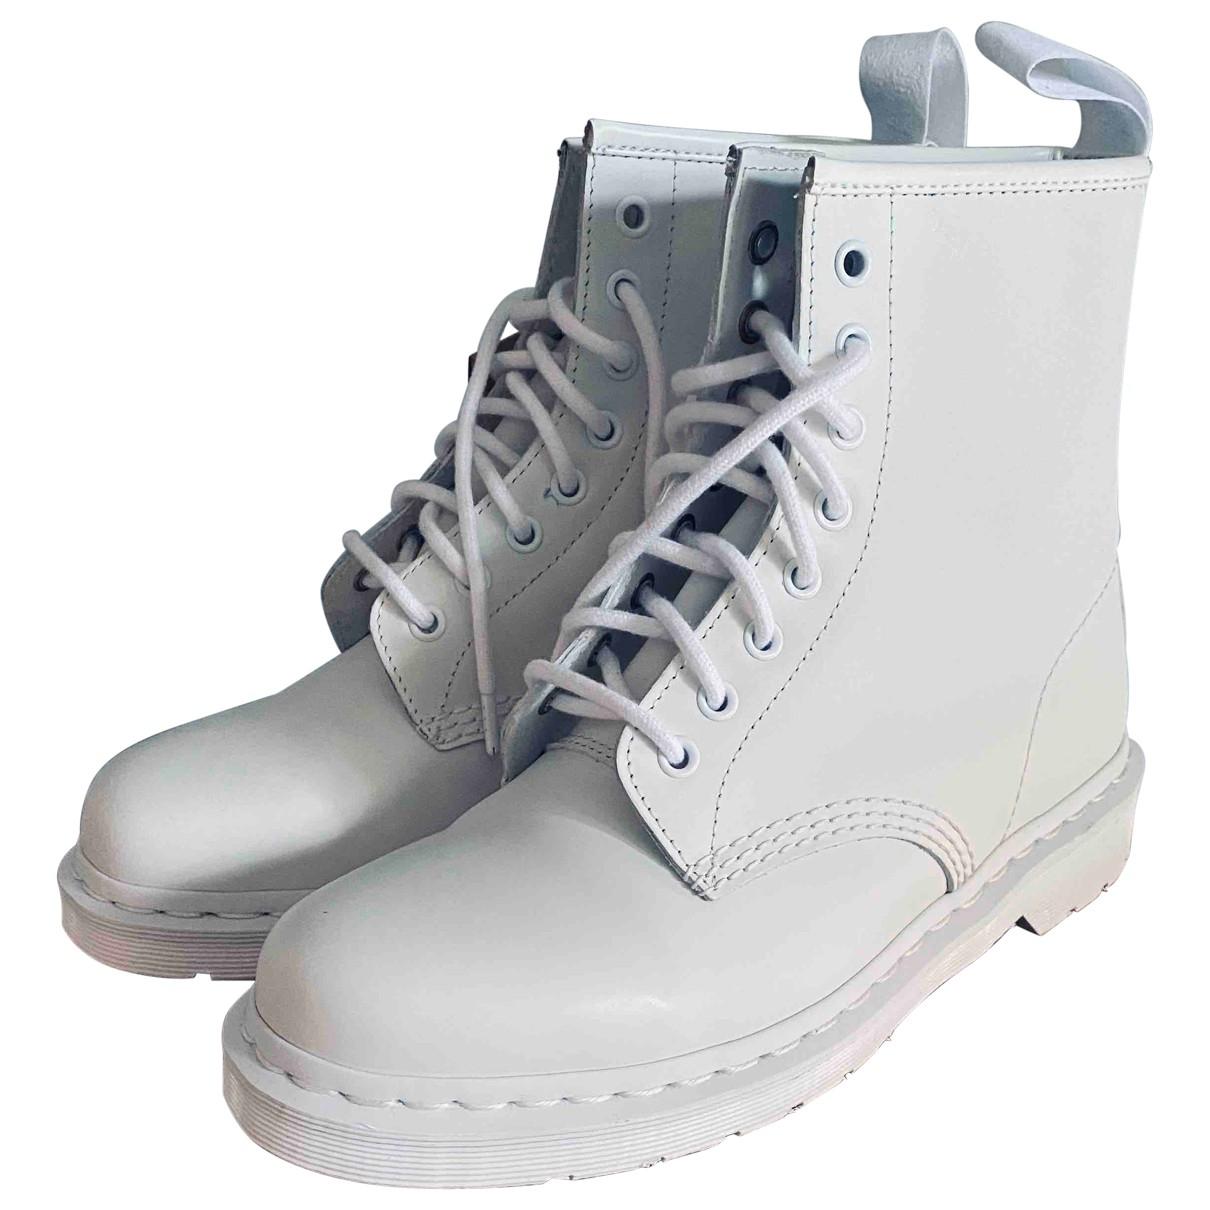 Dr. Martens - Boots 1460 Pascal (8 eye) pour femme en cuir - blanc